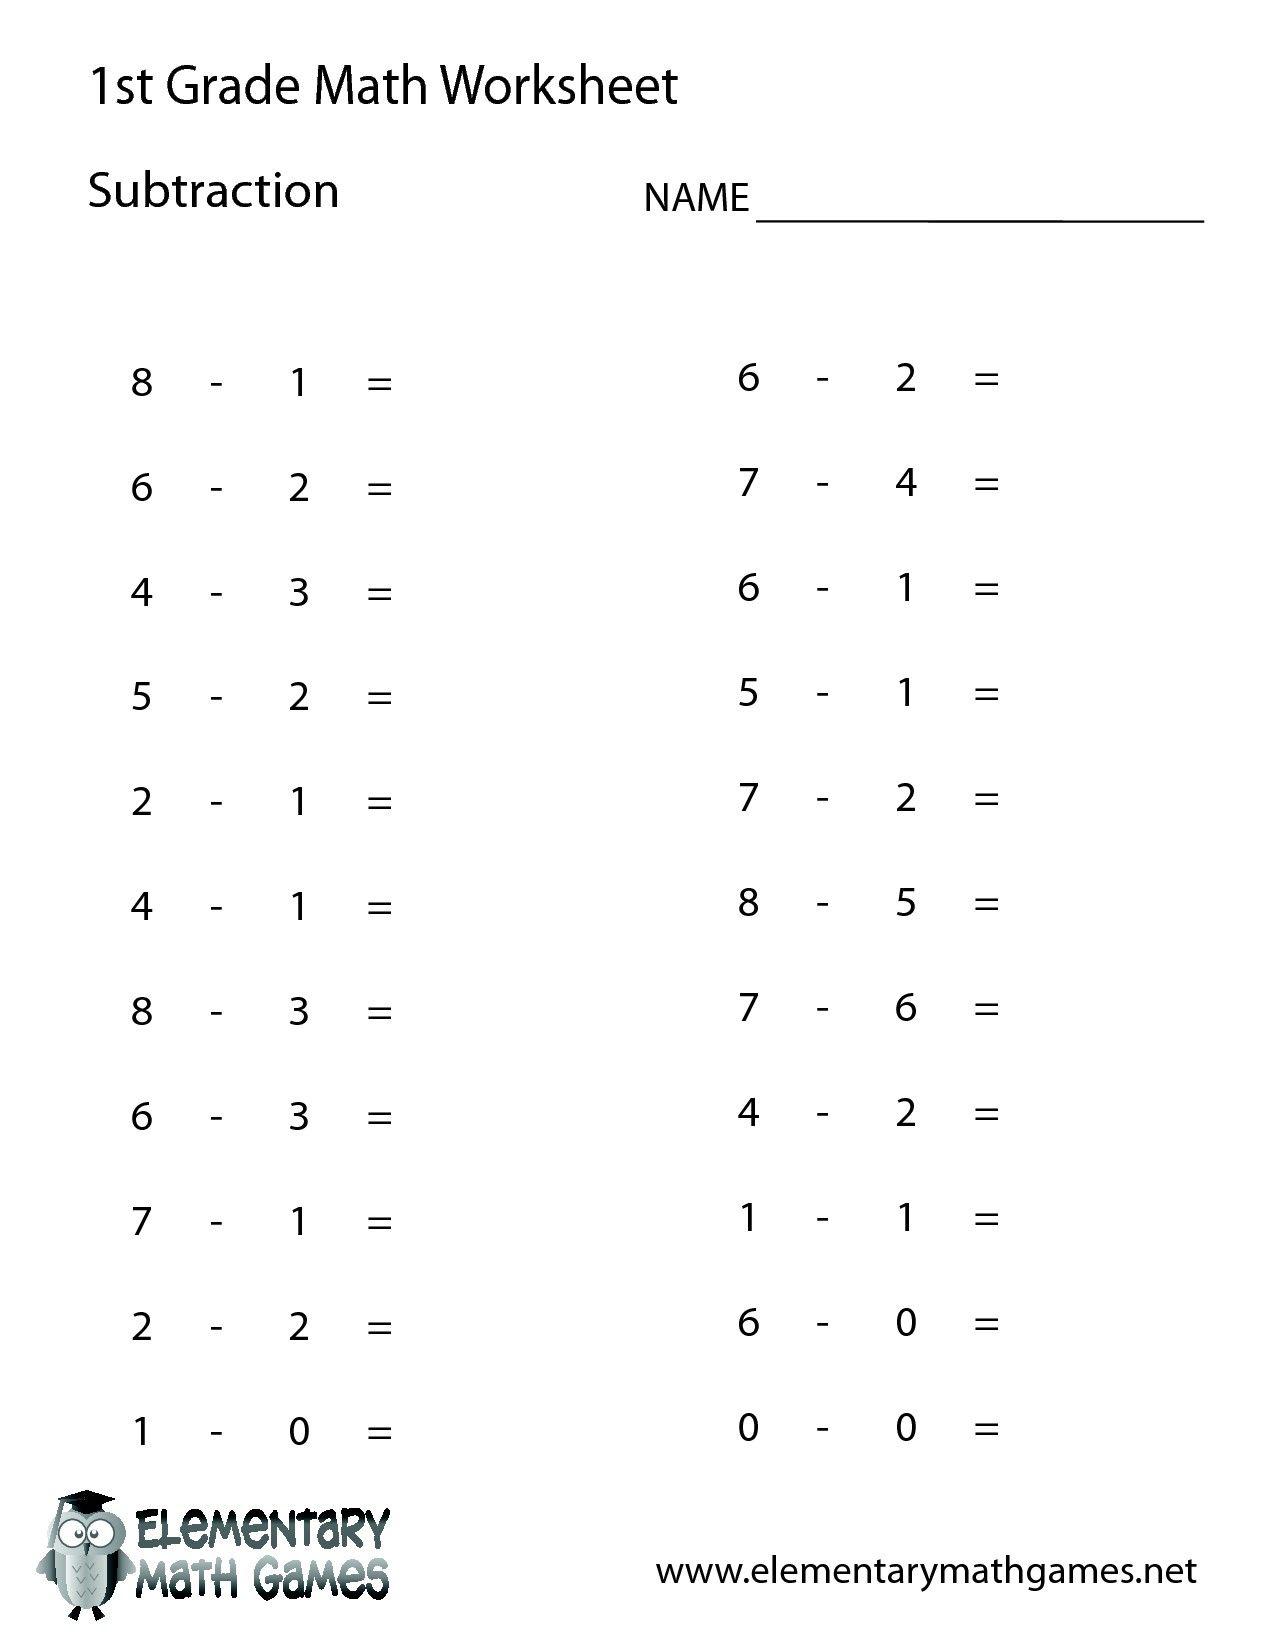 11 Formal Free Printable 1st Grade Worksheets Matematika Kelas Satu Kelas Satu Belajar